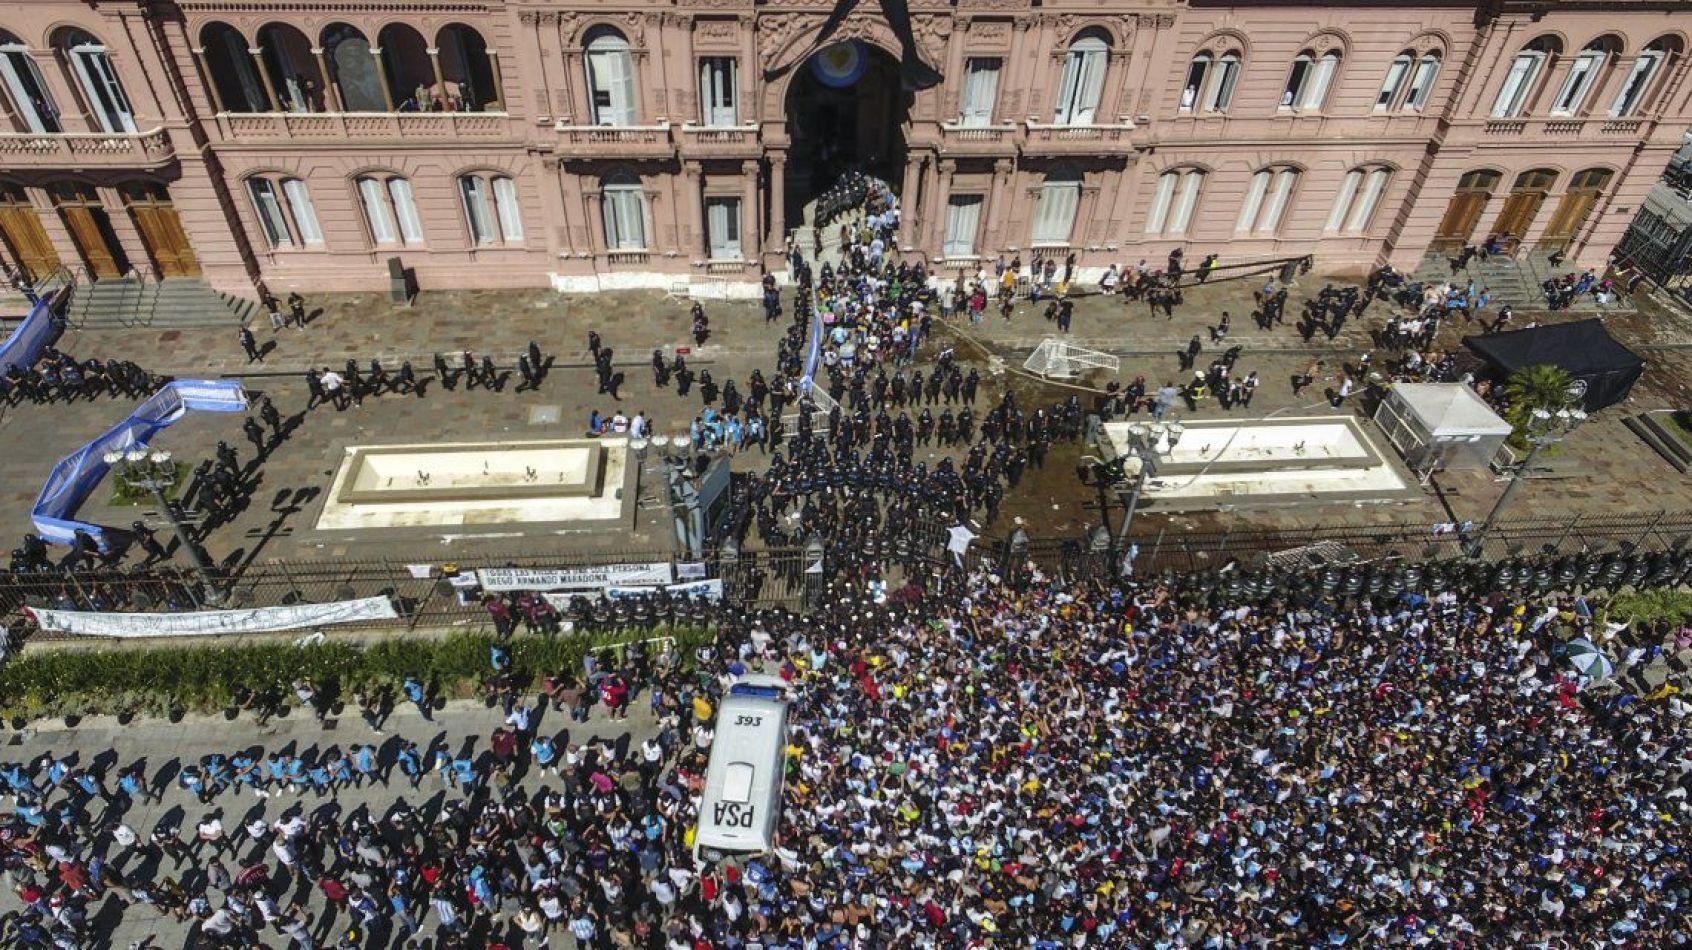 Tras los incidentes dieron por finalizado el velorio de Maradona y trasladan los restos al cementerio